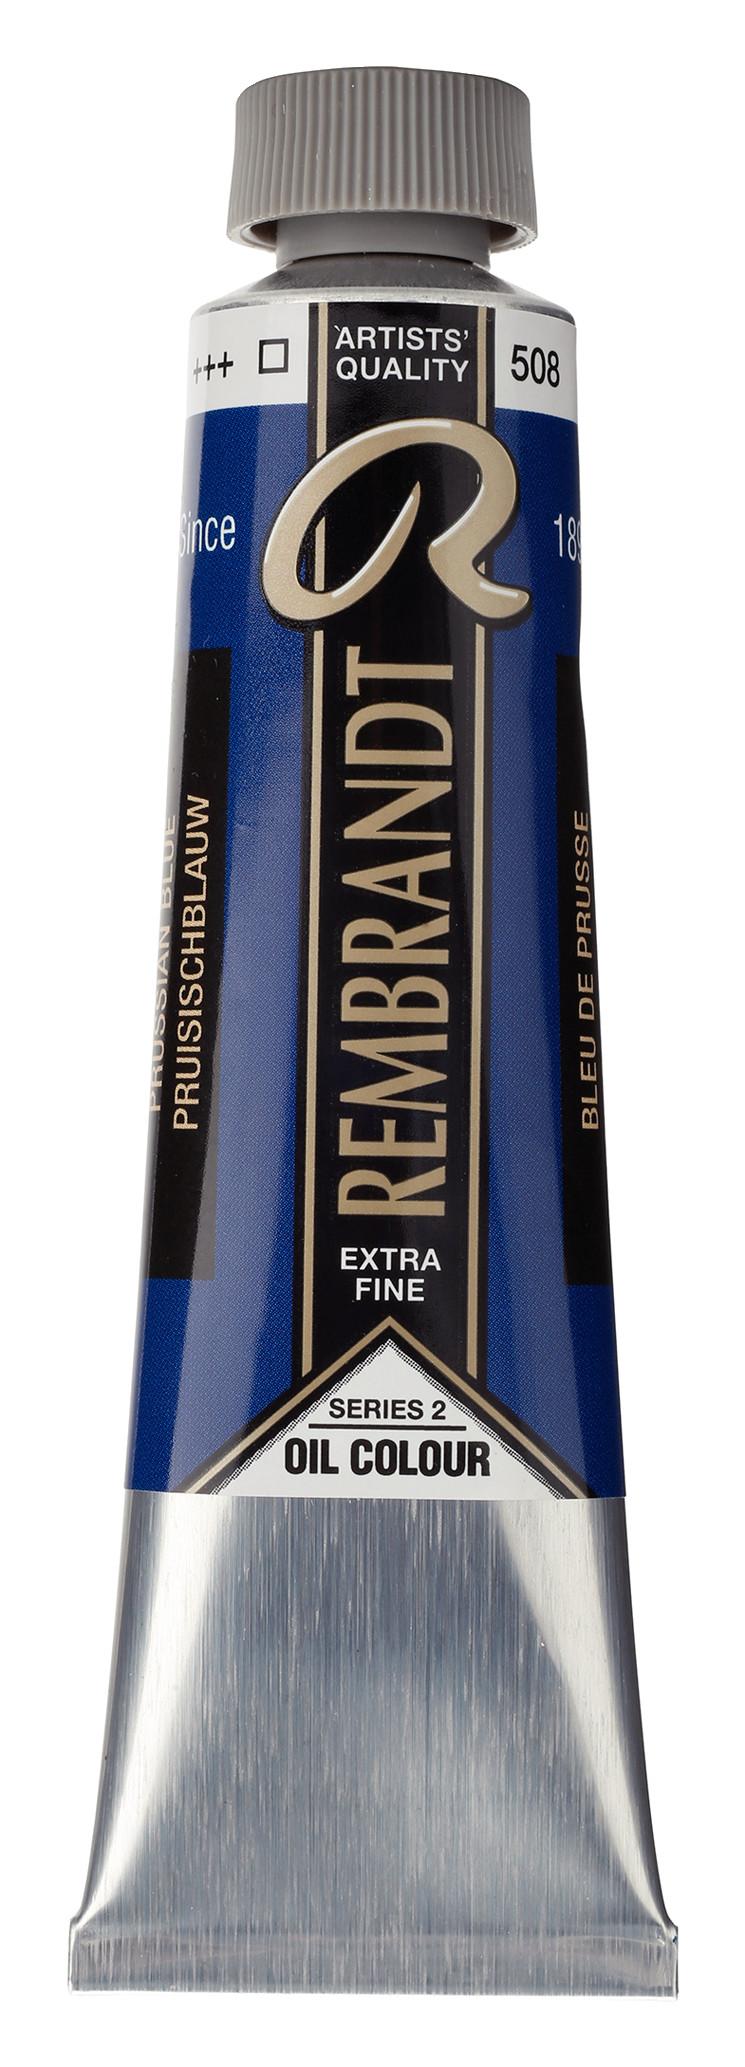 Rembrandt Oil colour Paint Prussian Blue (508) 40ml Tube